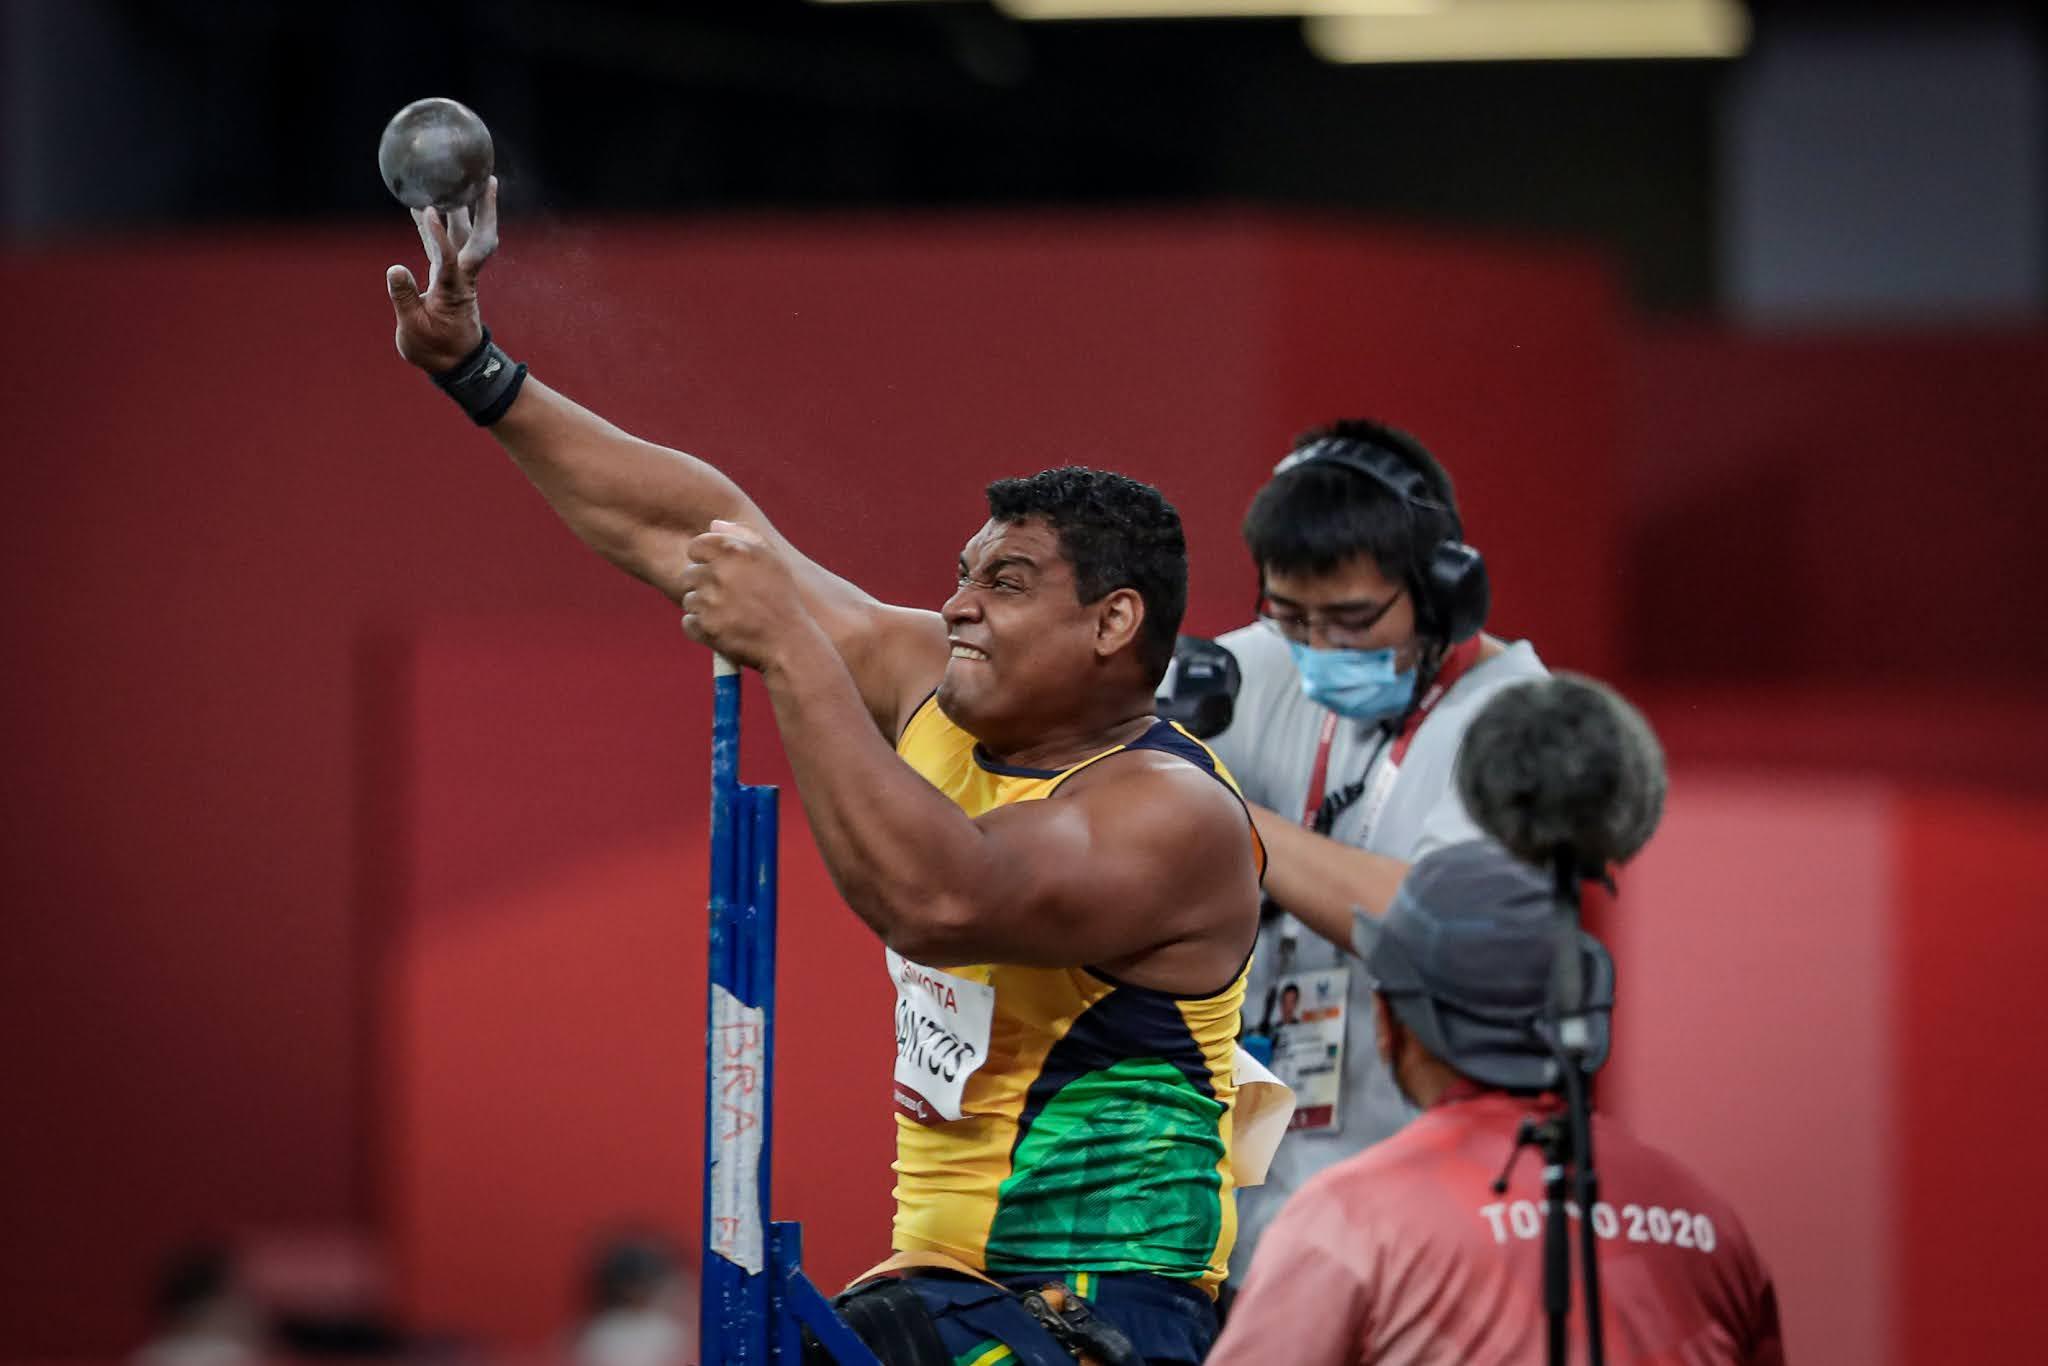 Wallace Santos arremessa o peso durante a final